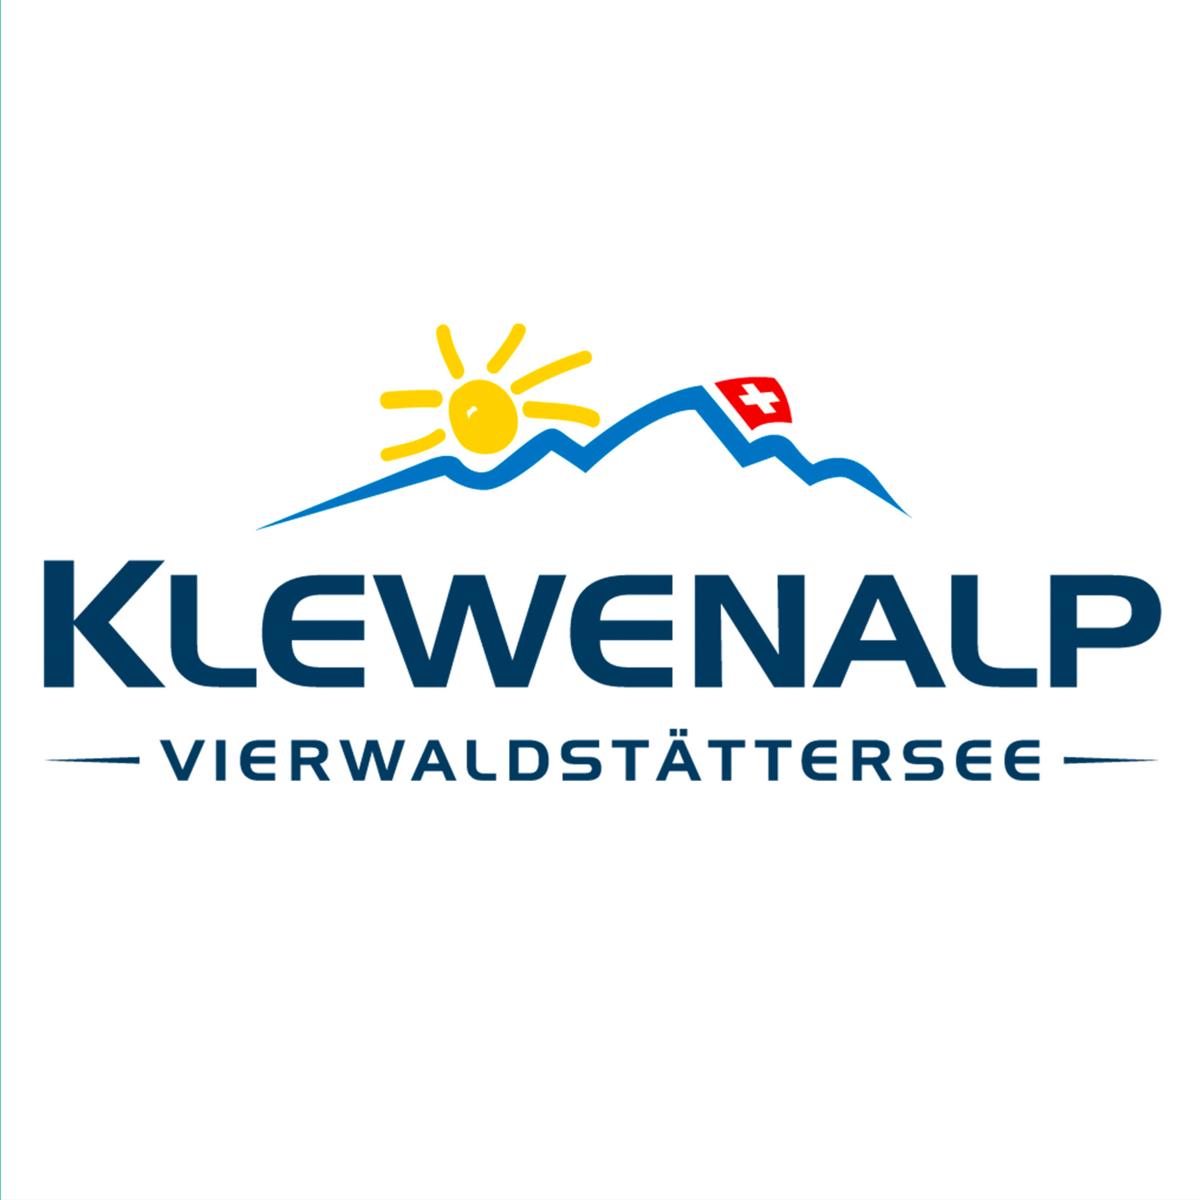 Klewenalp Vierwaldstättersee